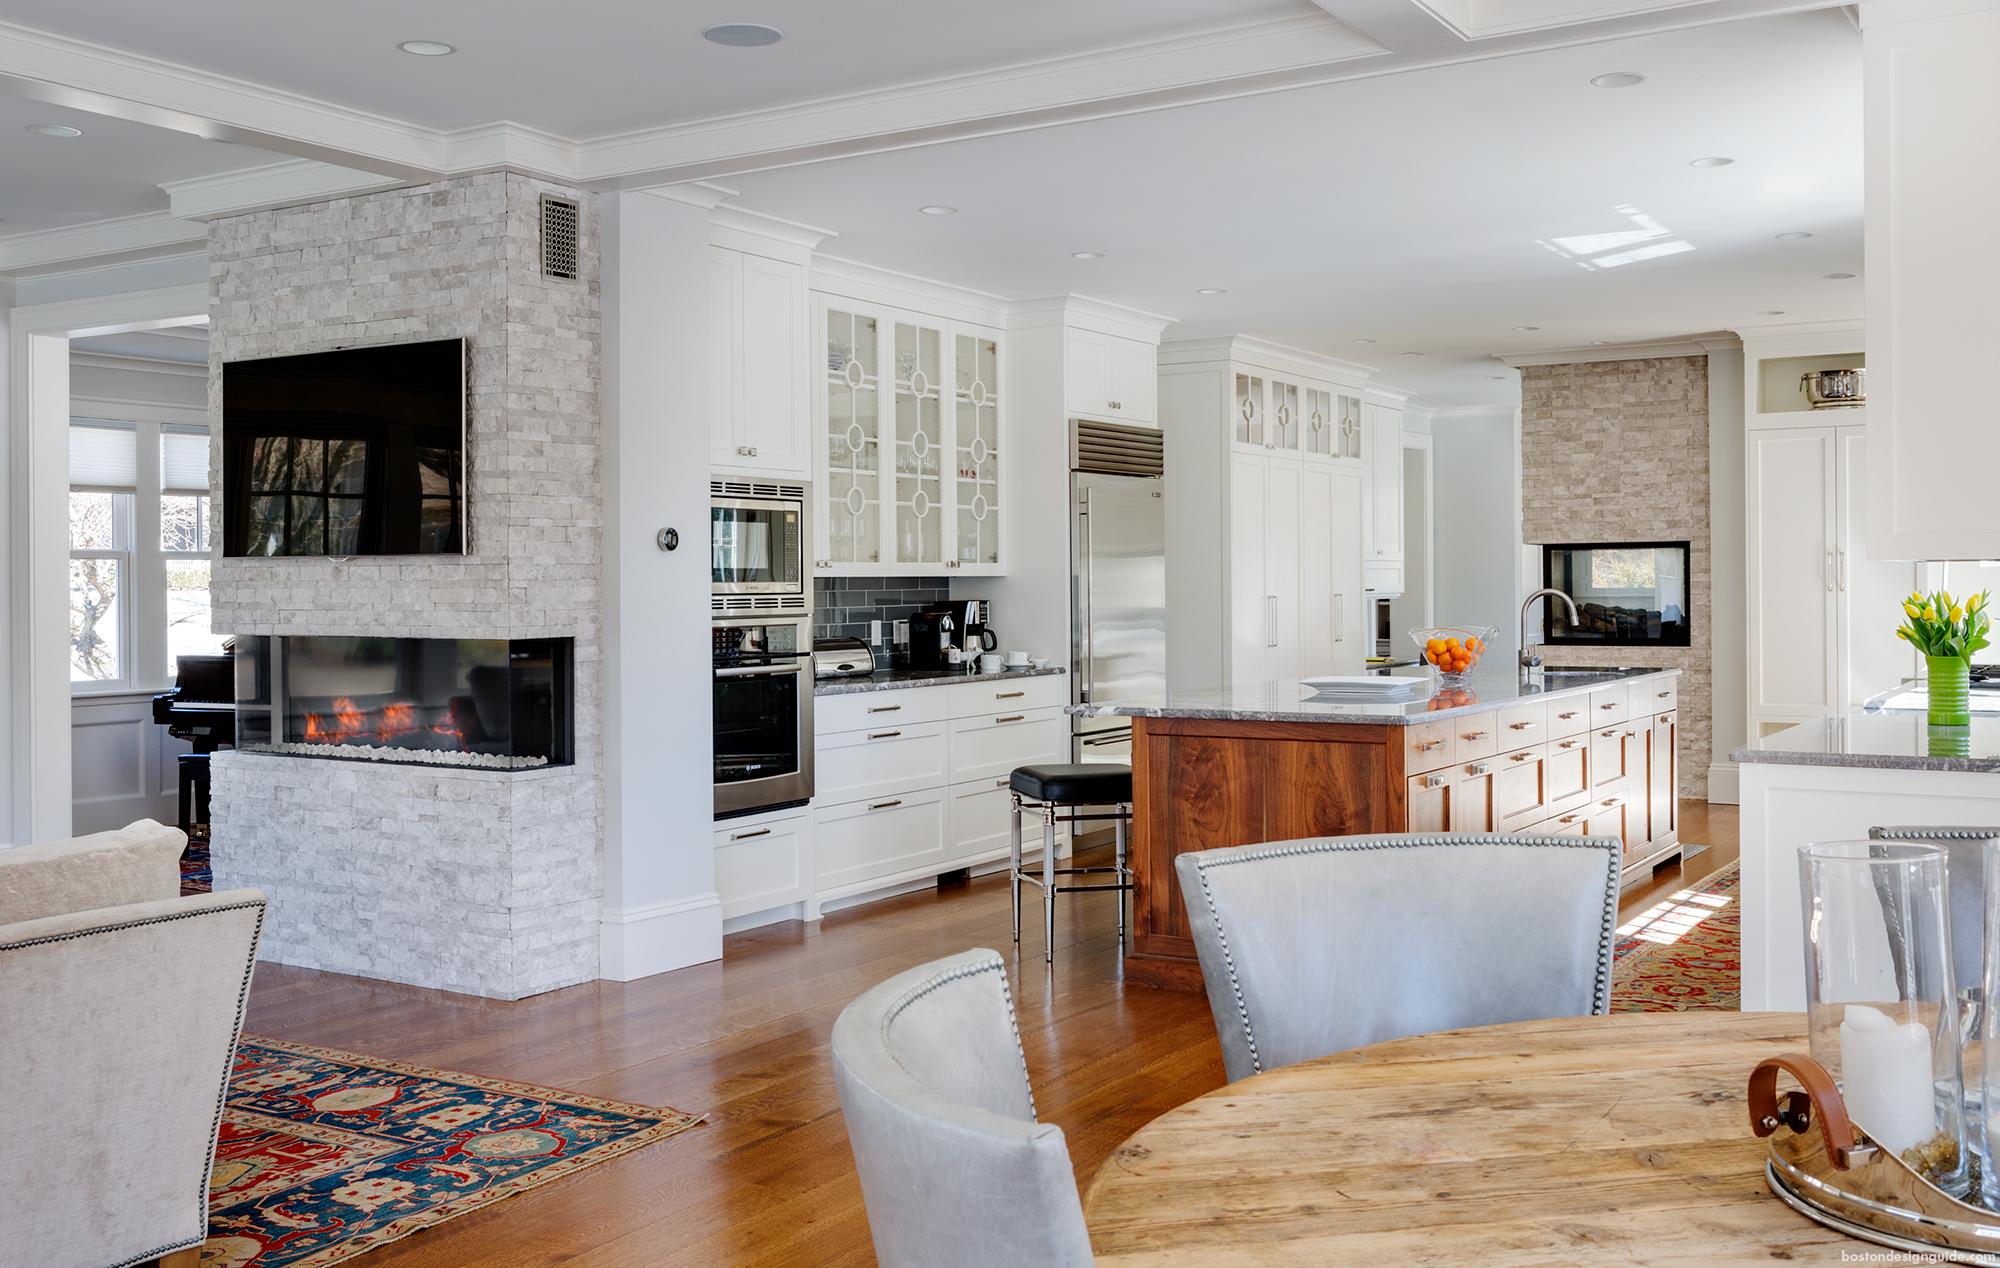 Newton Kitchen & Design